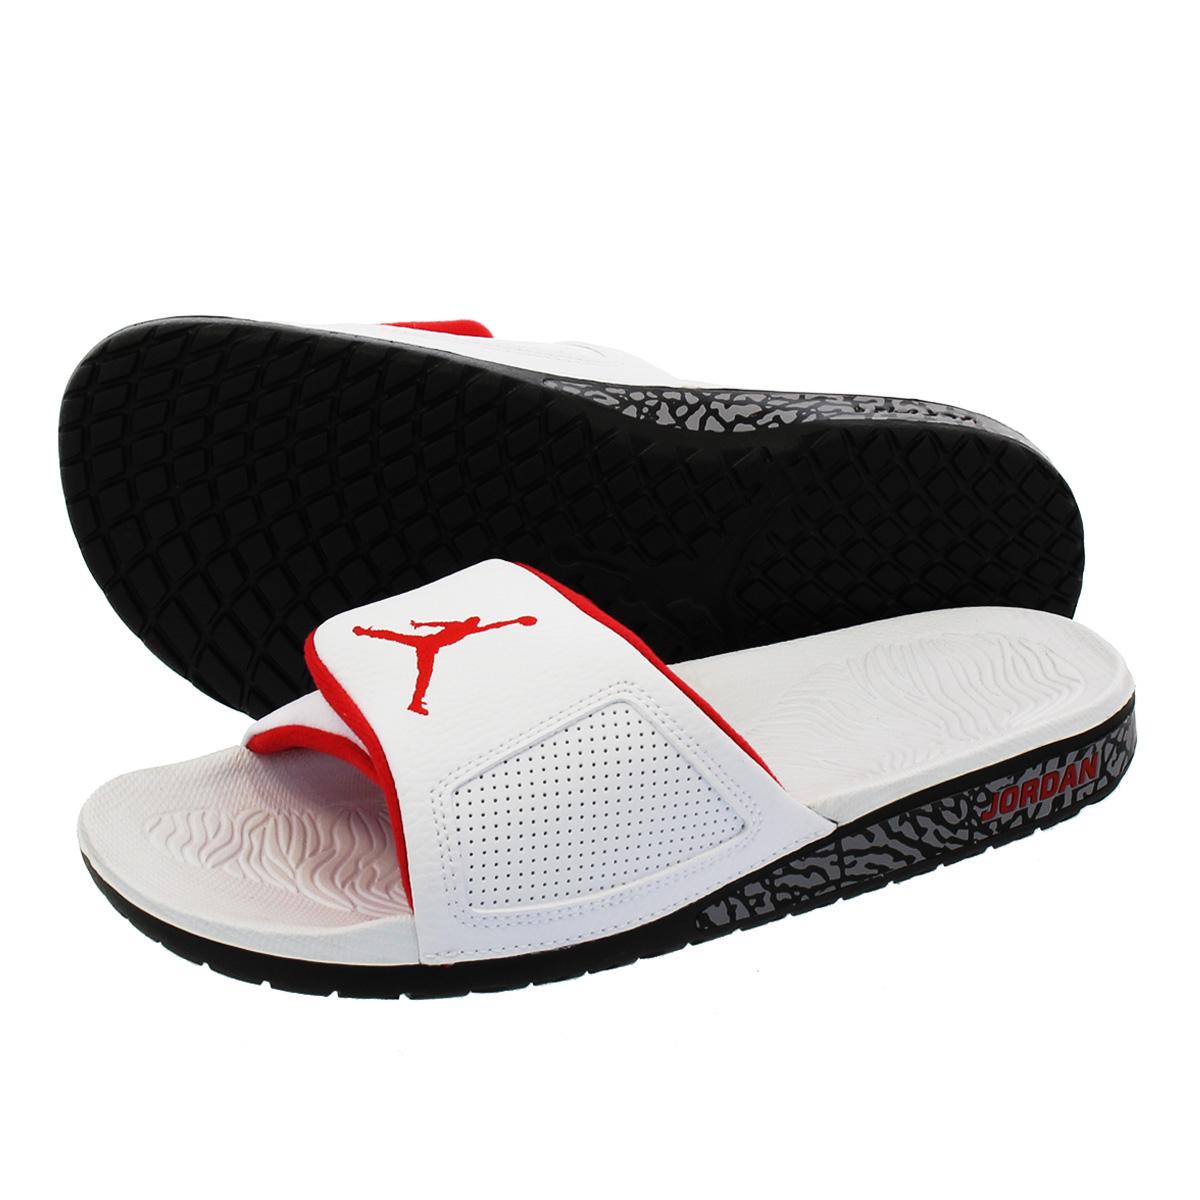 e1dca9b690c5 NIKE JORDAN HYDRO 3 RETRO Nike Jordan high mud 3 nostalgic WHITE UNIVERSITY  RED